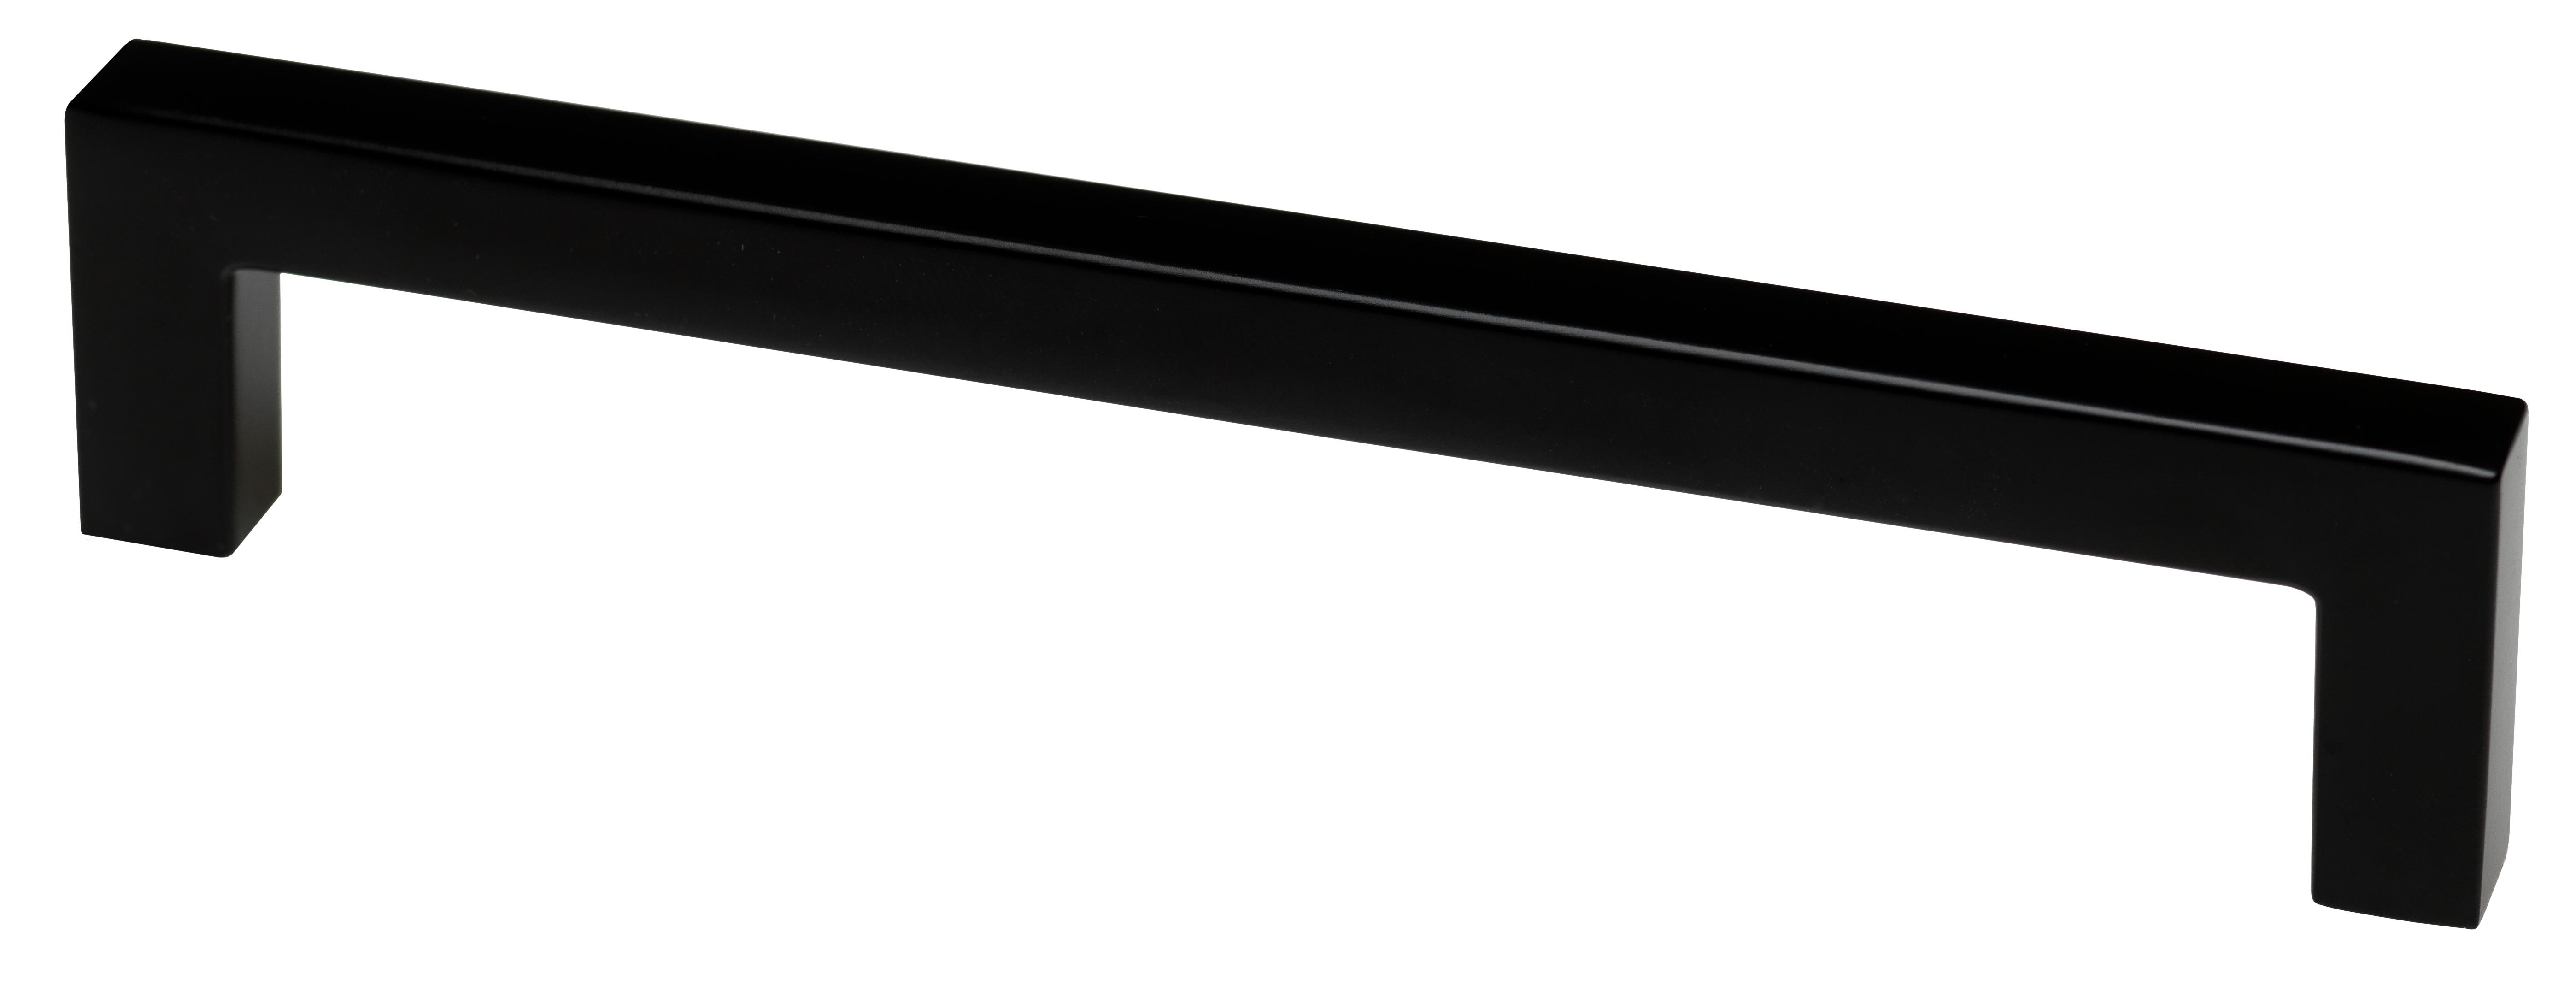 Lifetime Metallgriff - Schwarz für Türen- und Schubladensets